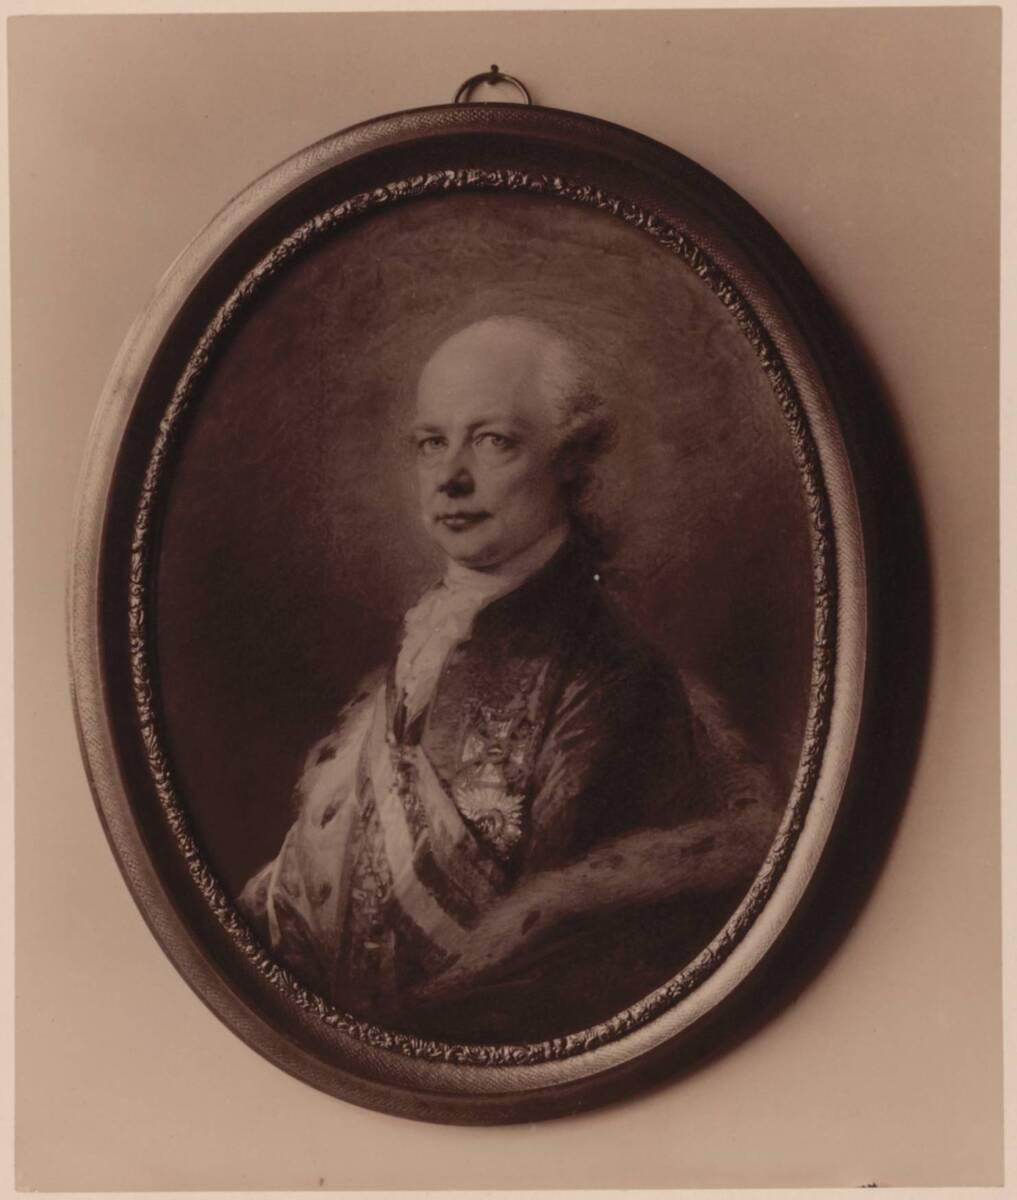 Fotografie einer Porträtmalerei des Kaisers Leopold II., von Friedrich Heinrich Füger (vom Bearbeiter vergebener Titel) von Gmeiner, Wilhelm